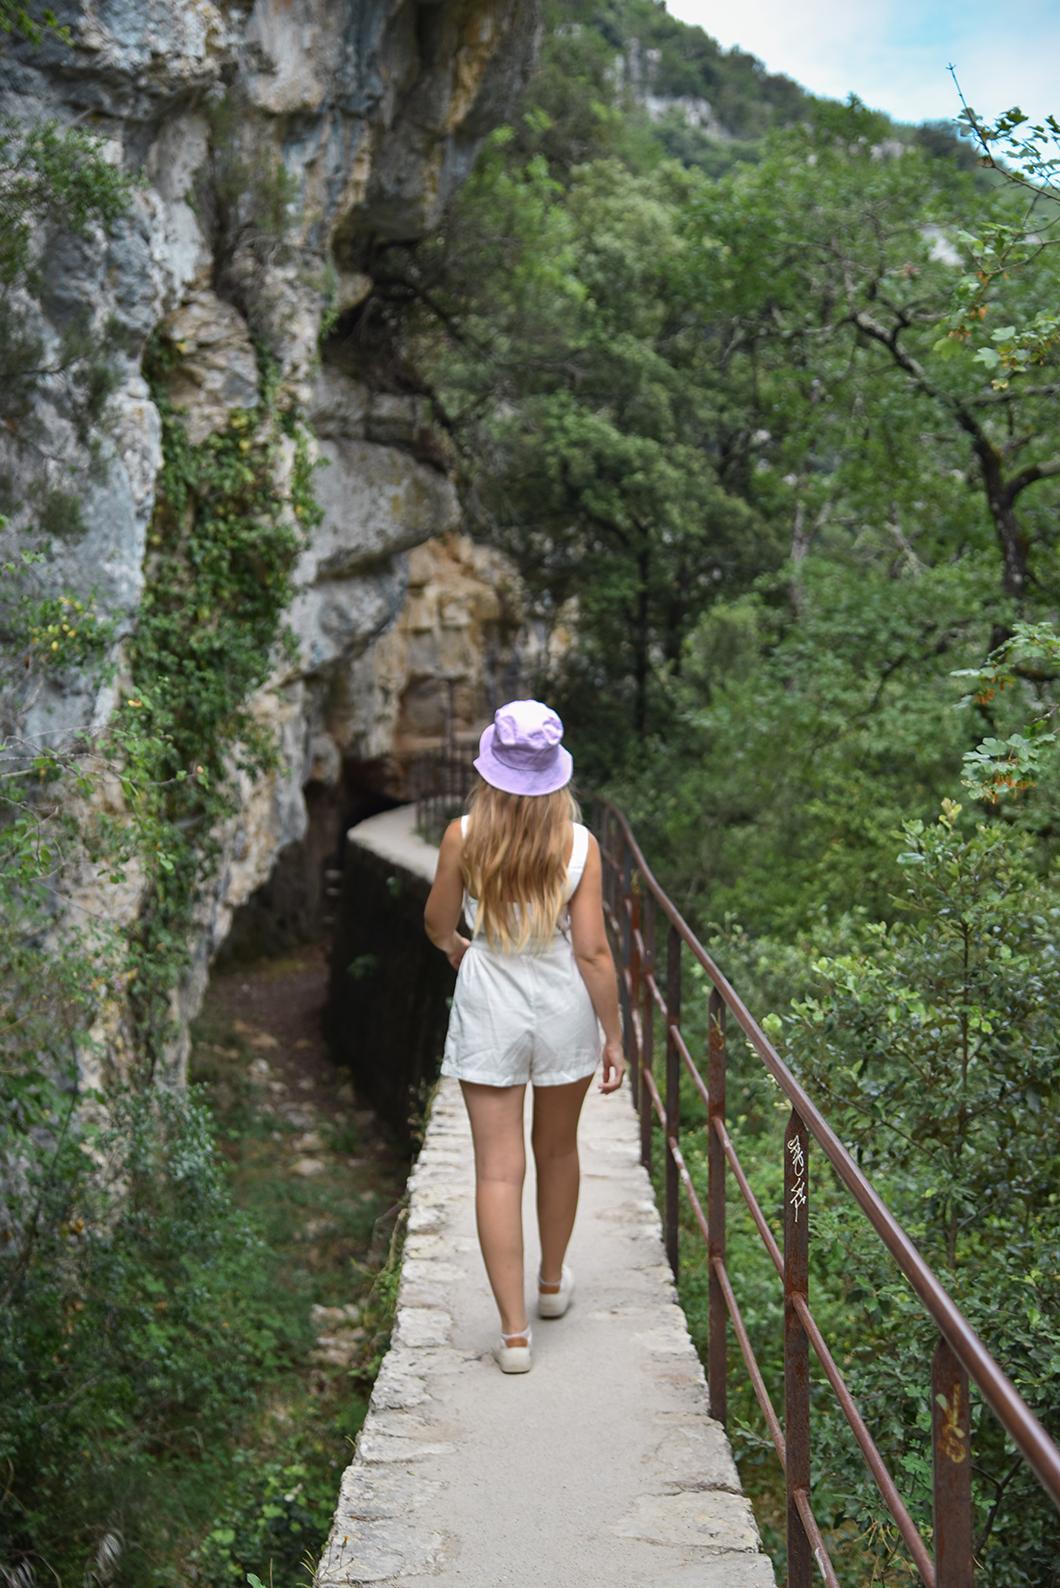 Randonnée pédestre dans les Gorges du Verdon